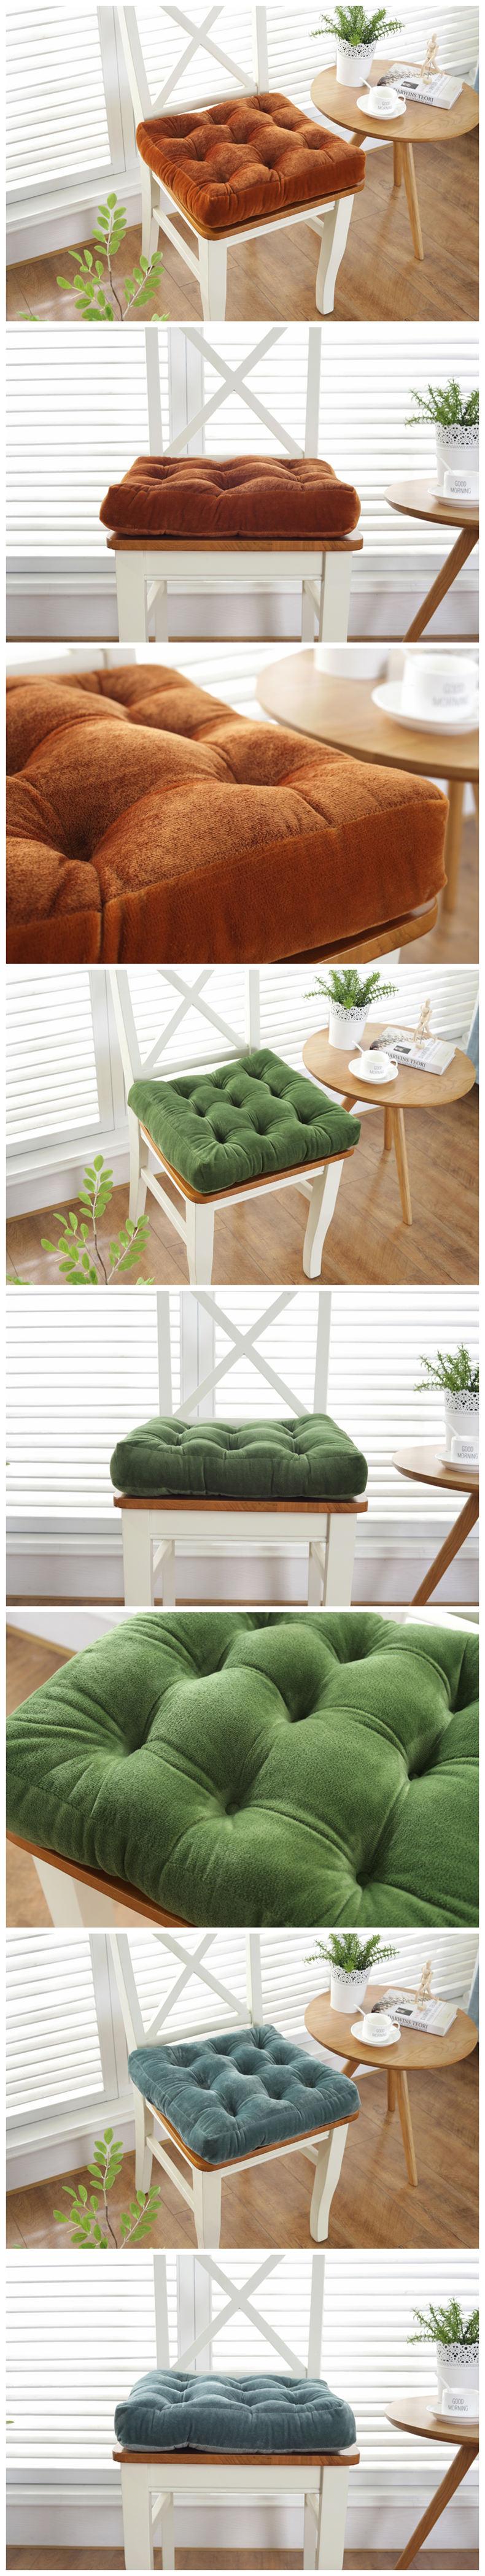 HTB18.8QatfvK1RjSspfq6zzXFXaO Thickening Anti-skid Cotton Chair Cushion Tatami Seat Pad Soft Office Chair Cushions Car Sit Mat Winter Cushion Throw Pillow